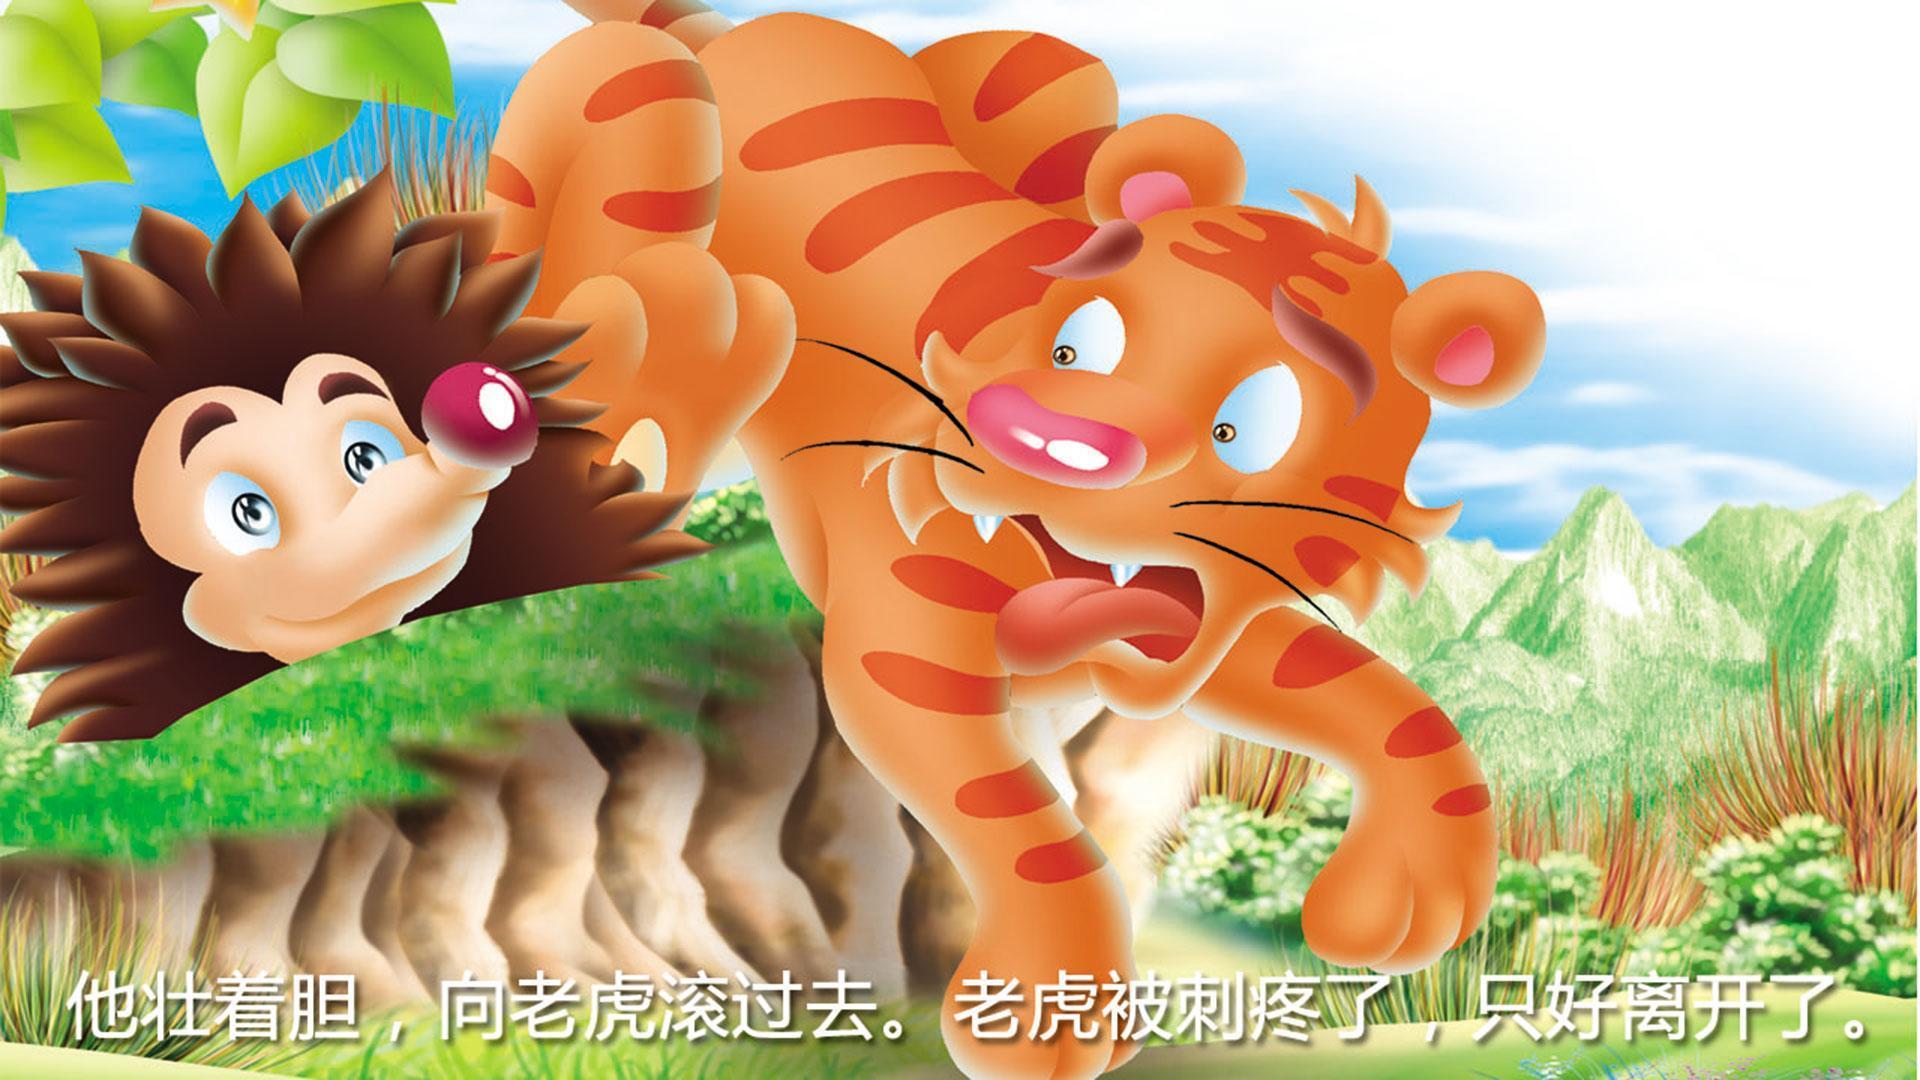 小刺猬与大老虎下载,小刺猬与大老虎应用介绍,儿童—